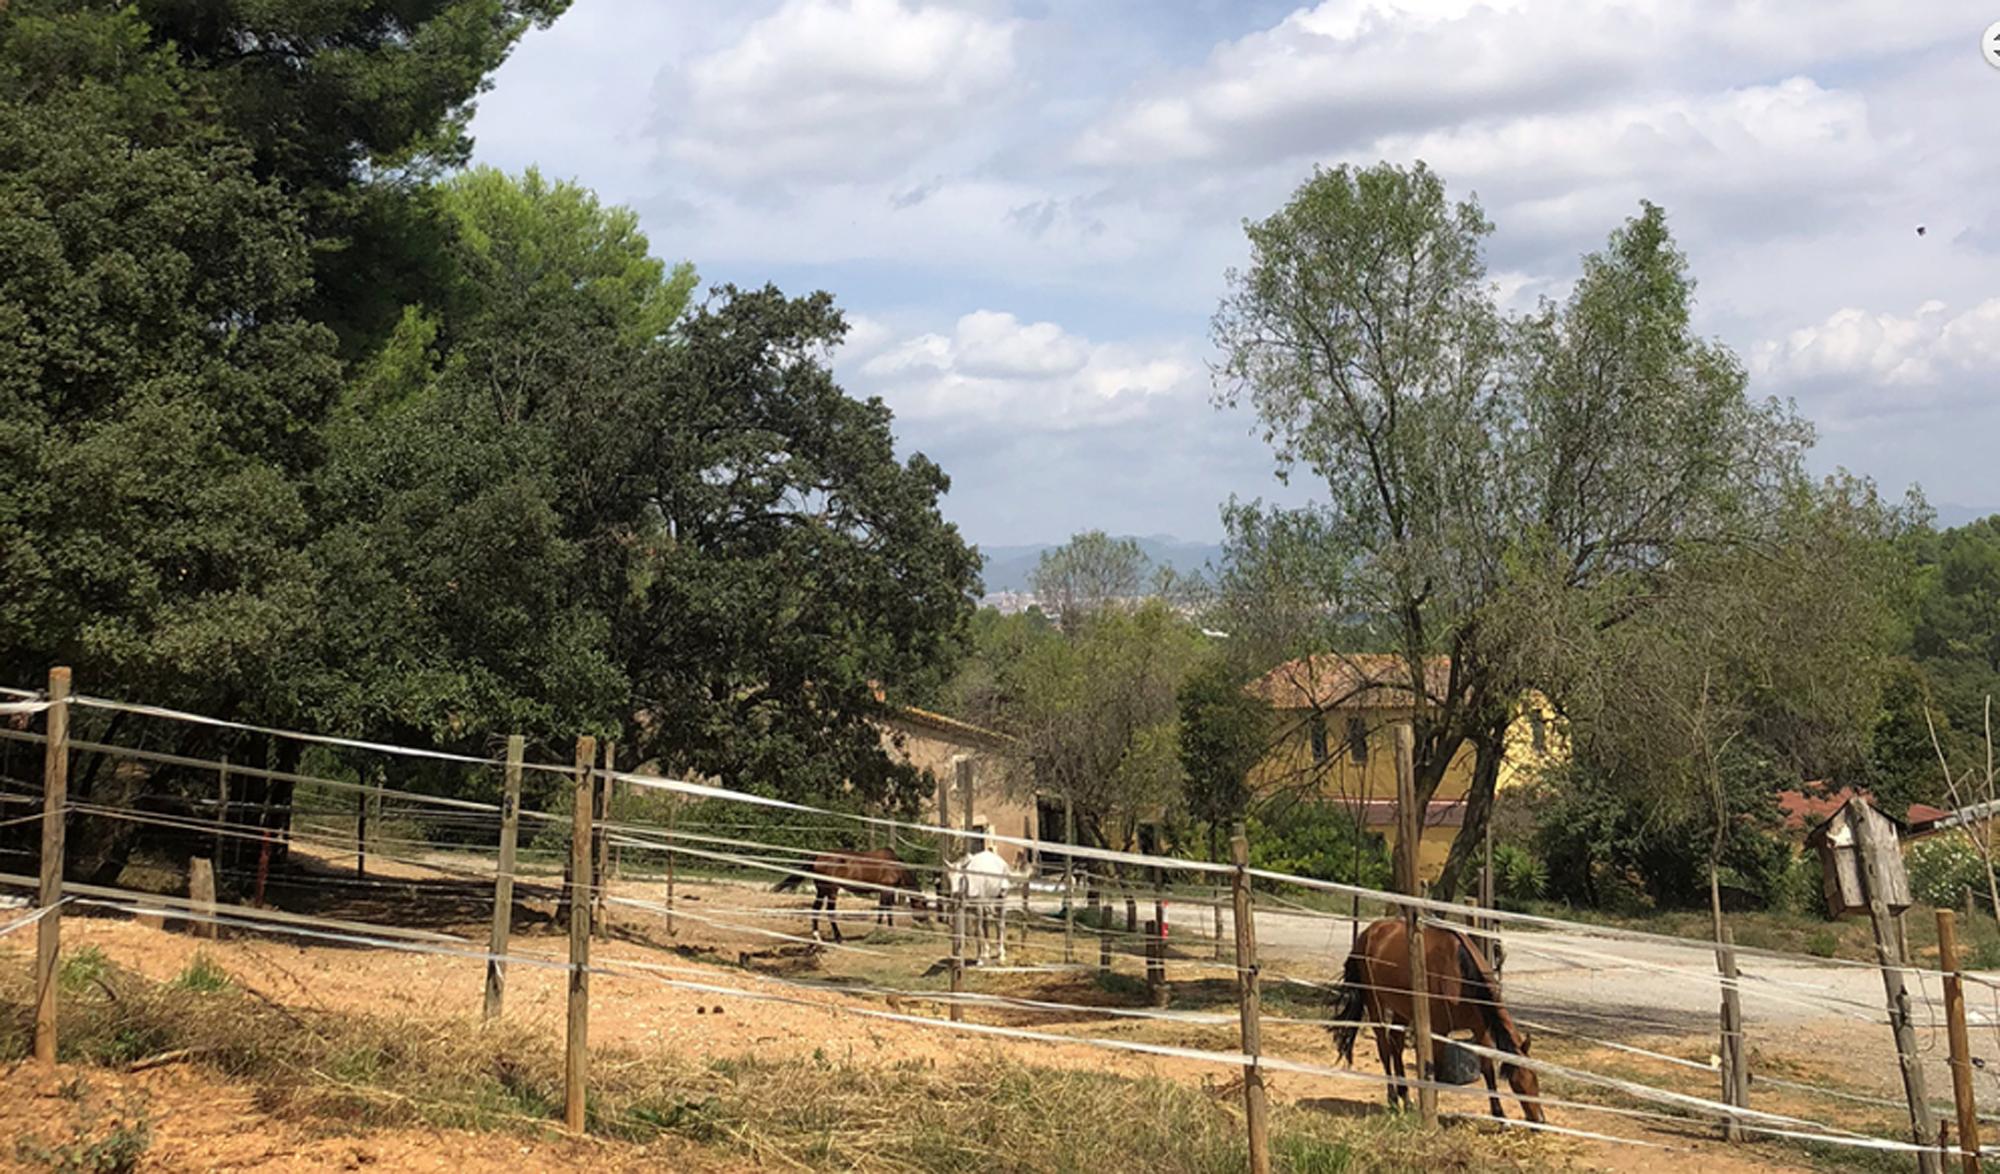 Entorn privilegiat per els cavalls. FOTO: Cedida